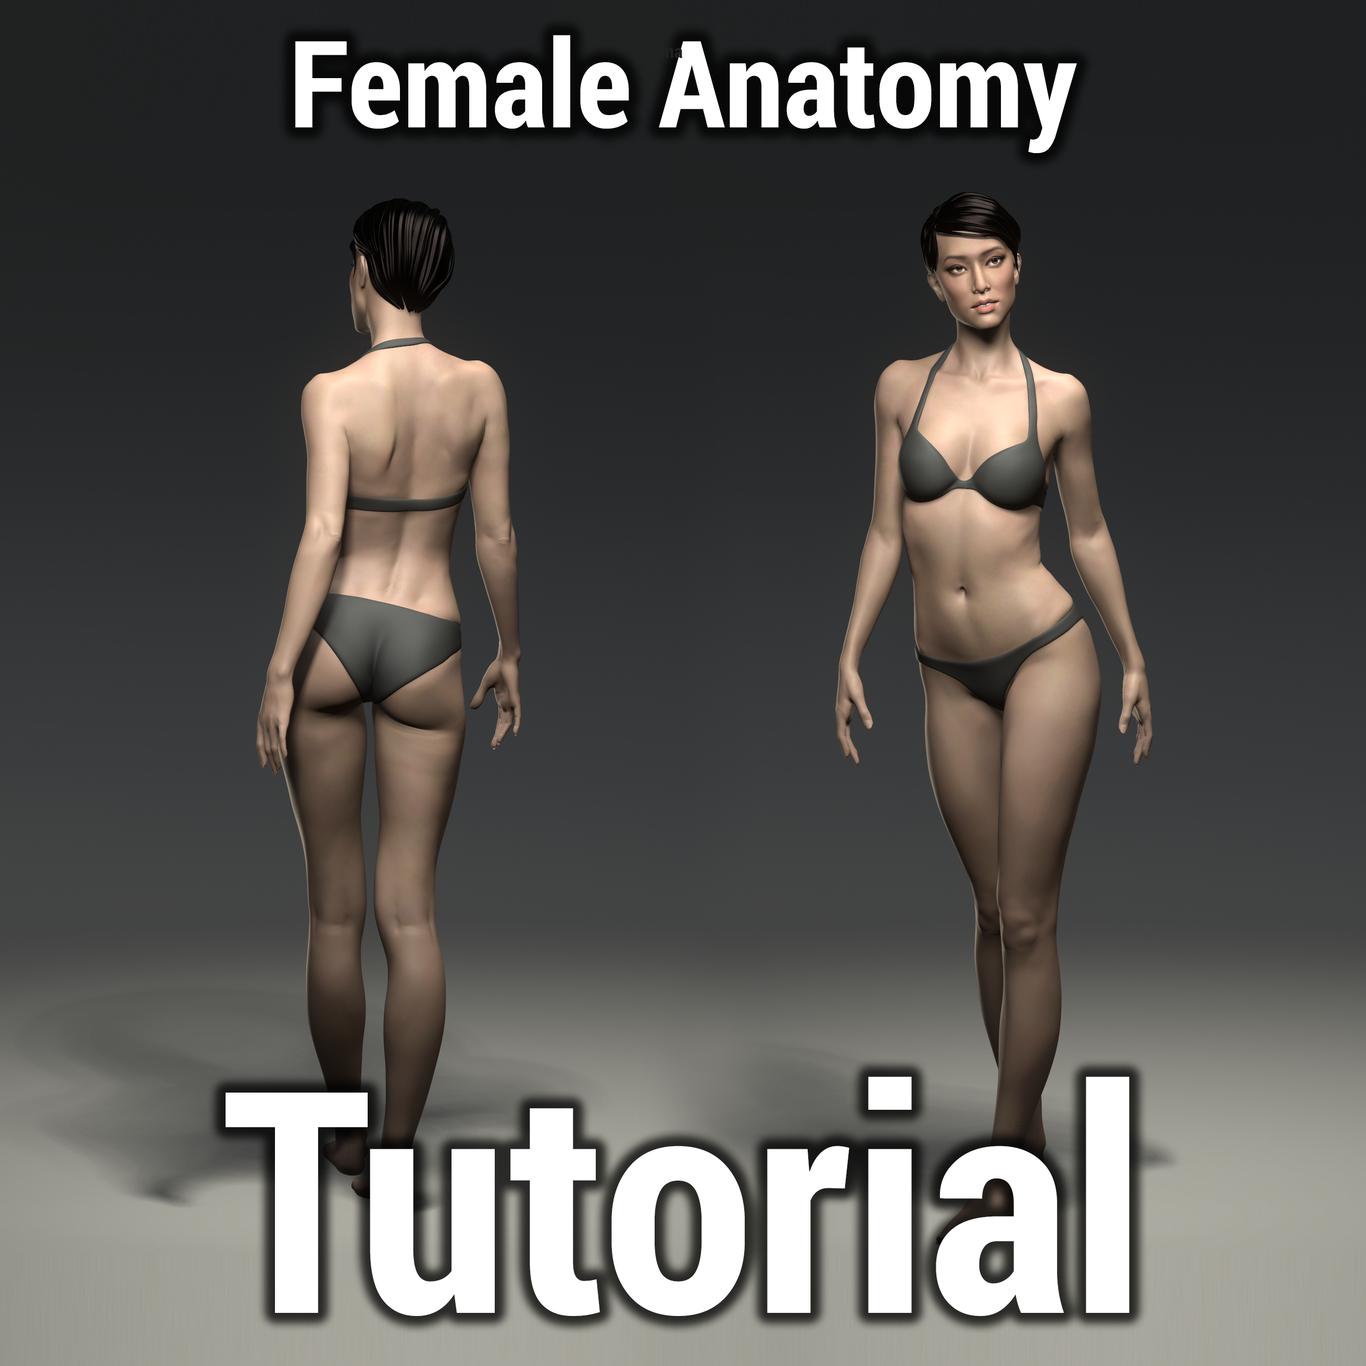 Donnaurdinov female anatomy tutor 1 fa1841f2 ragu